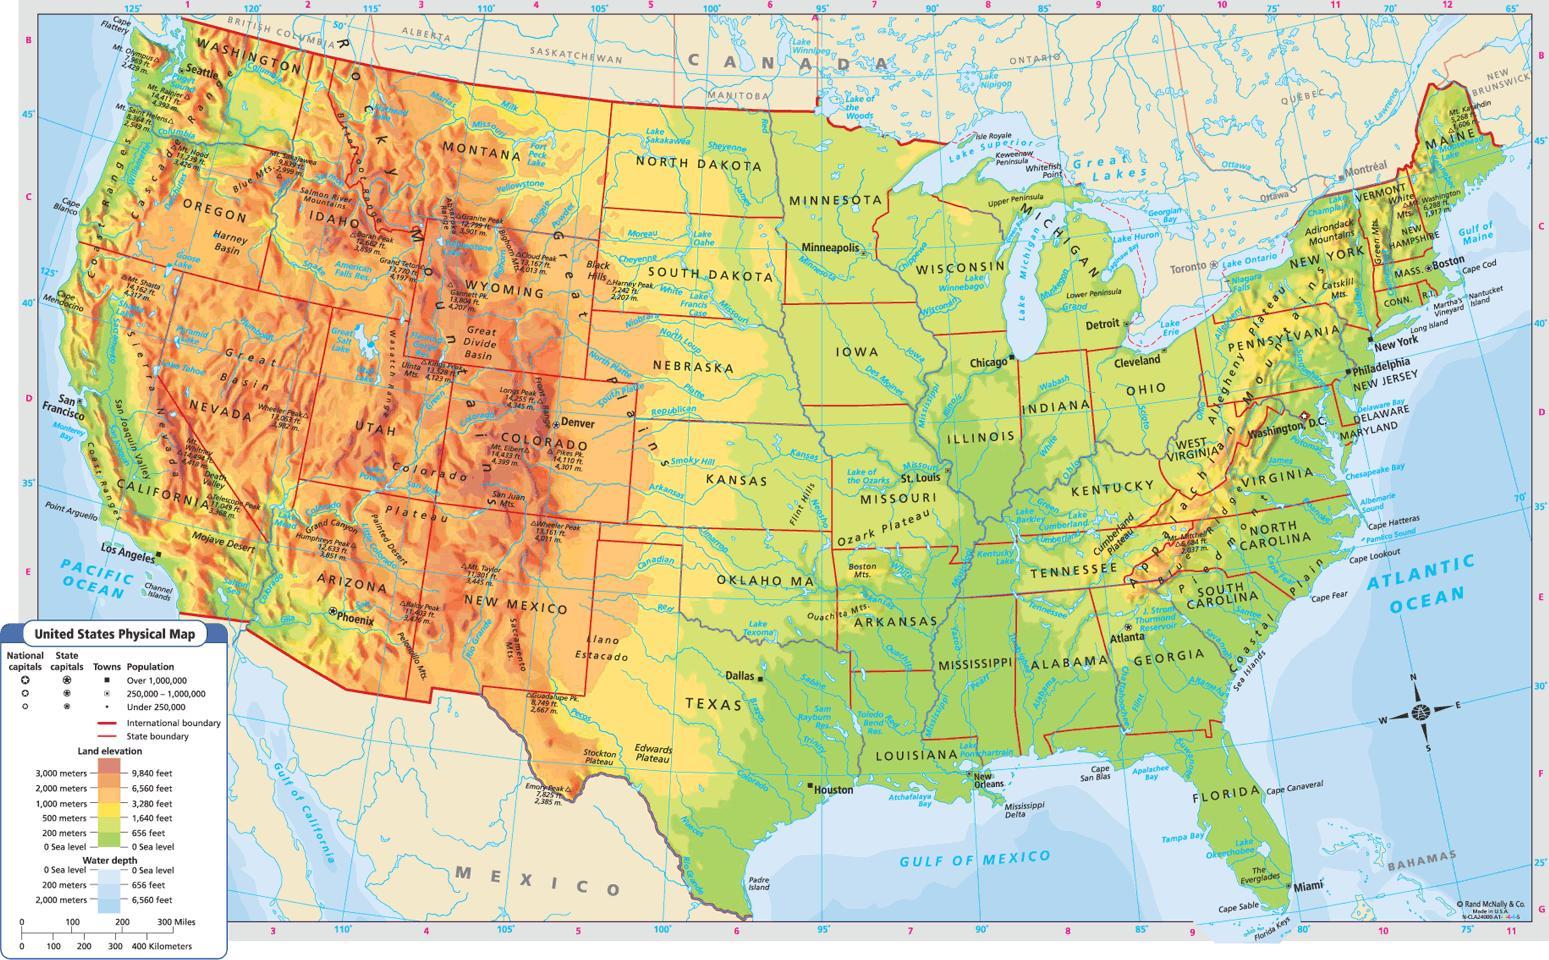 Geografisk Kort Over Usa Geografiske Kort Over Usa Nordamerika